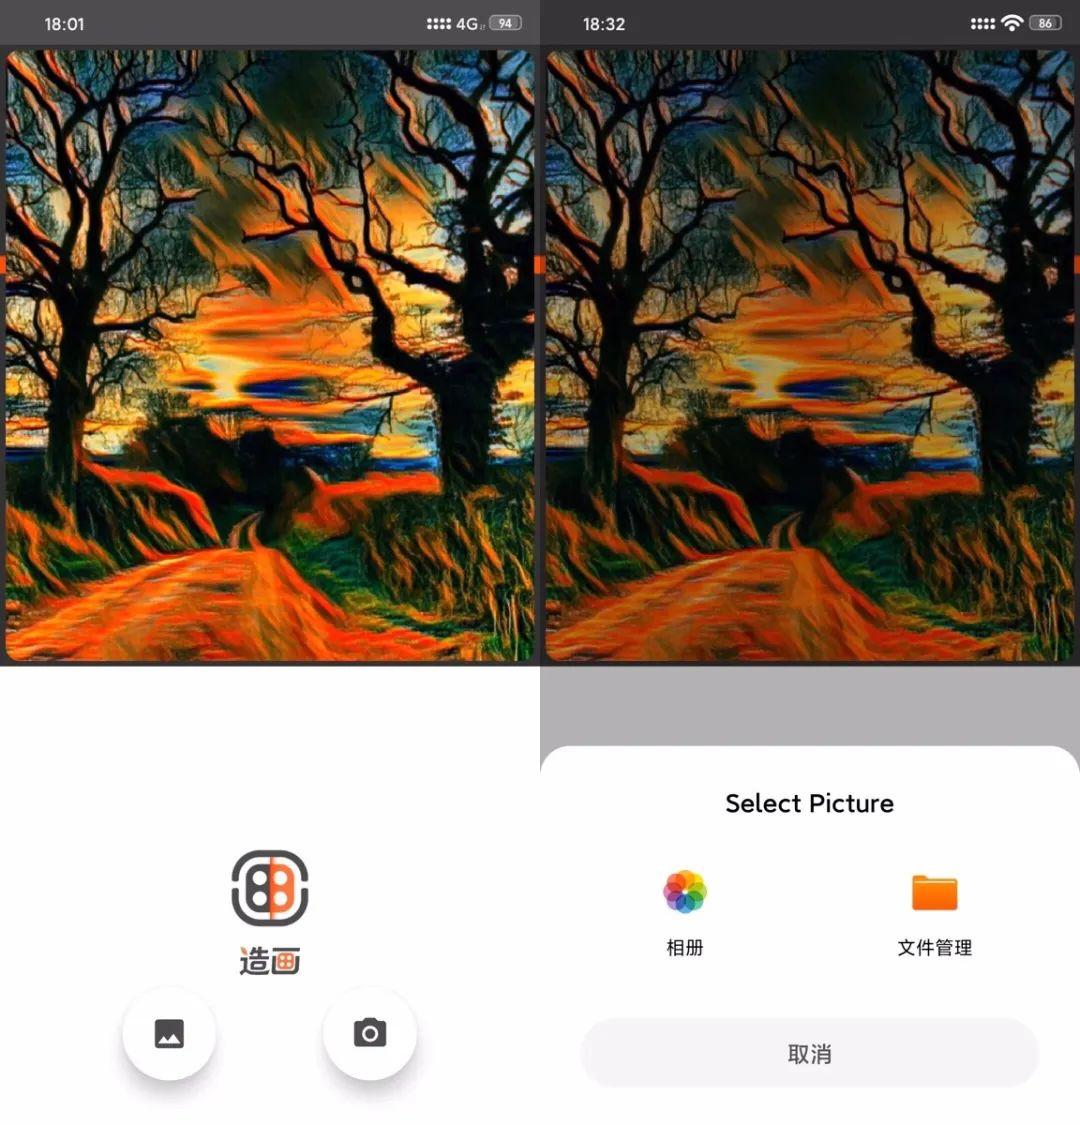 造画App,AI照片一键美化工具,人人都是艺术家!-i3综合社区